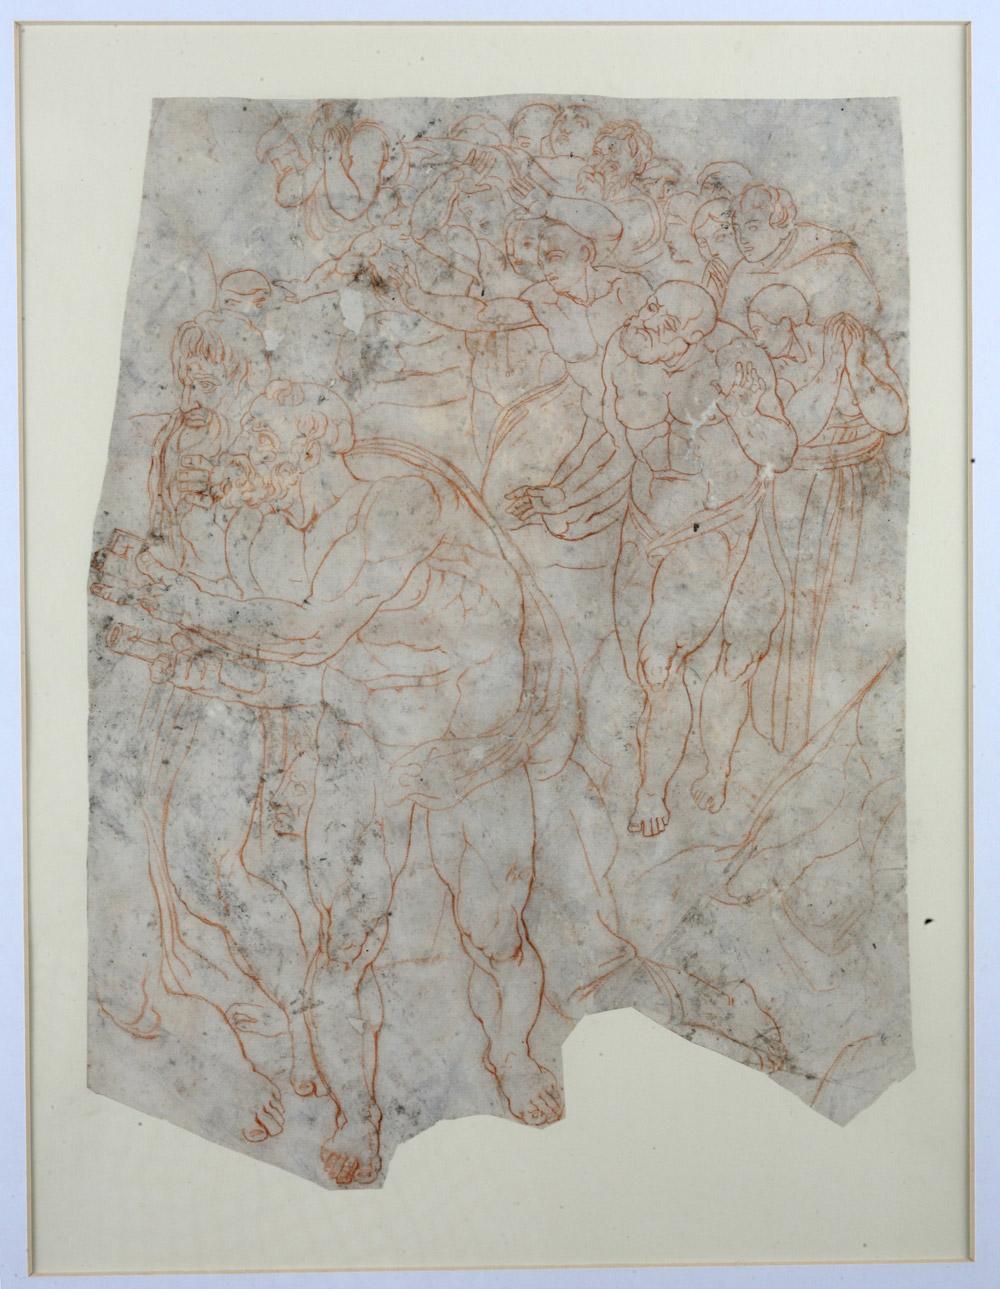 Fragmento del juicio final. Pietro Marone. Sanguina sobre papel. 1555. NIG. 01963. © Foto Fernando Alvira. Museo de Huesca.